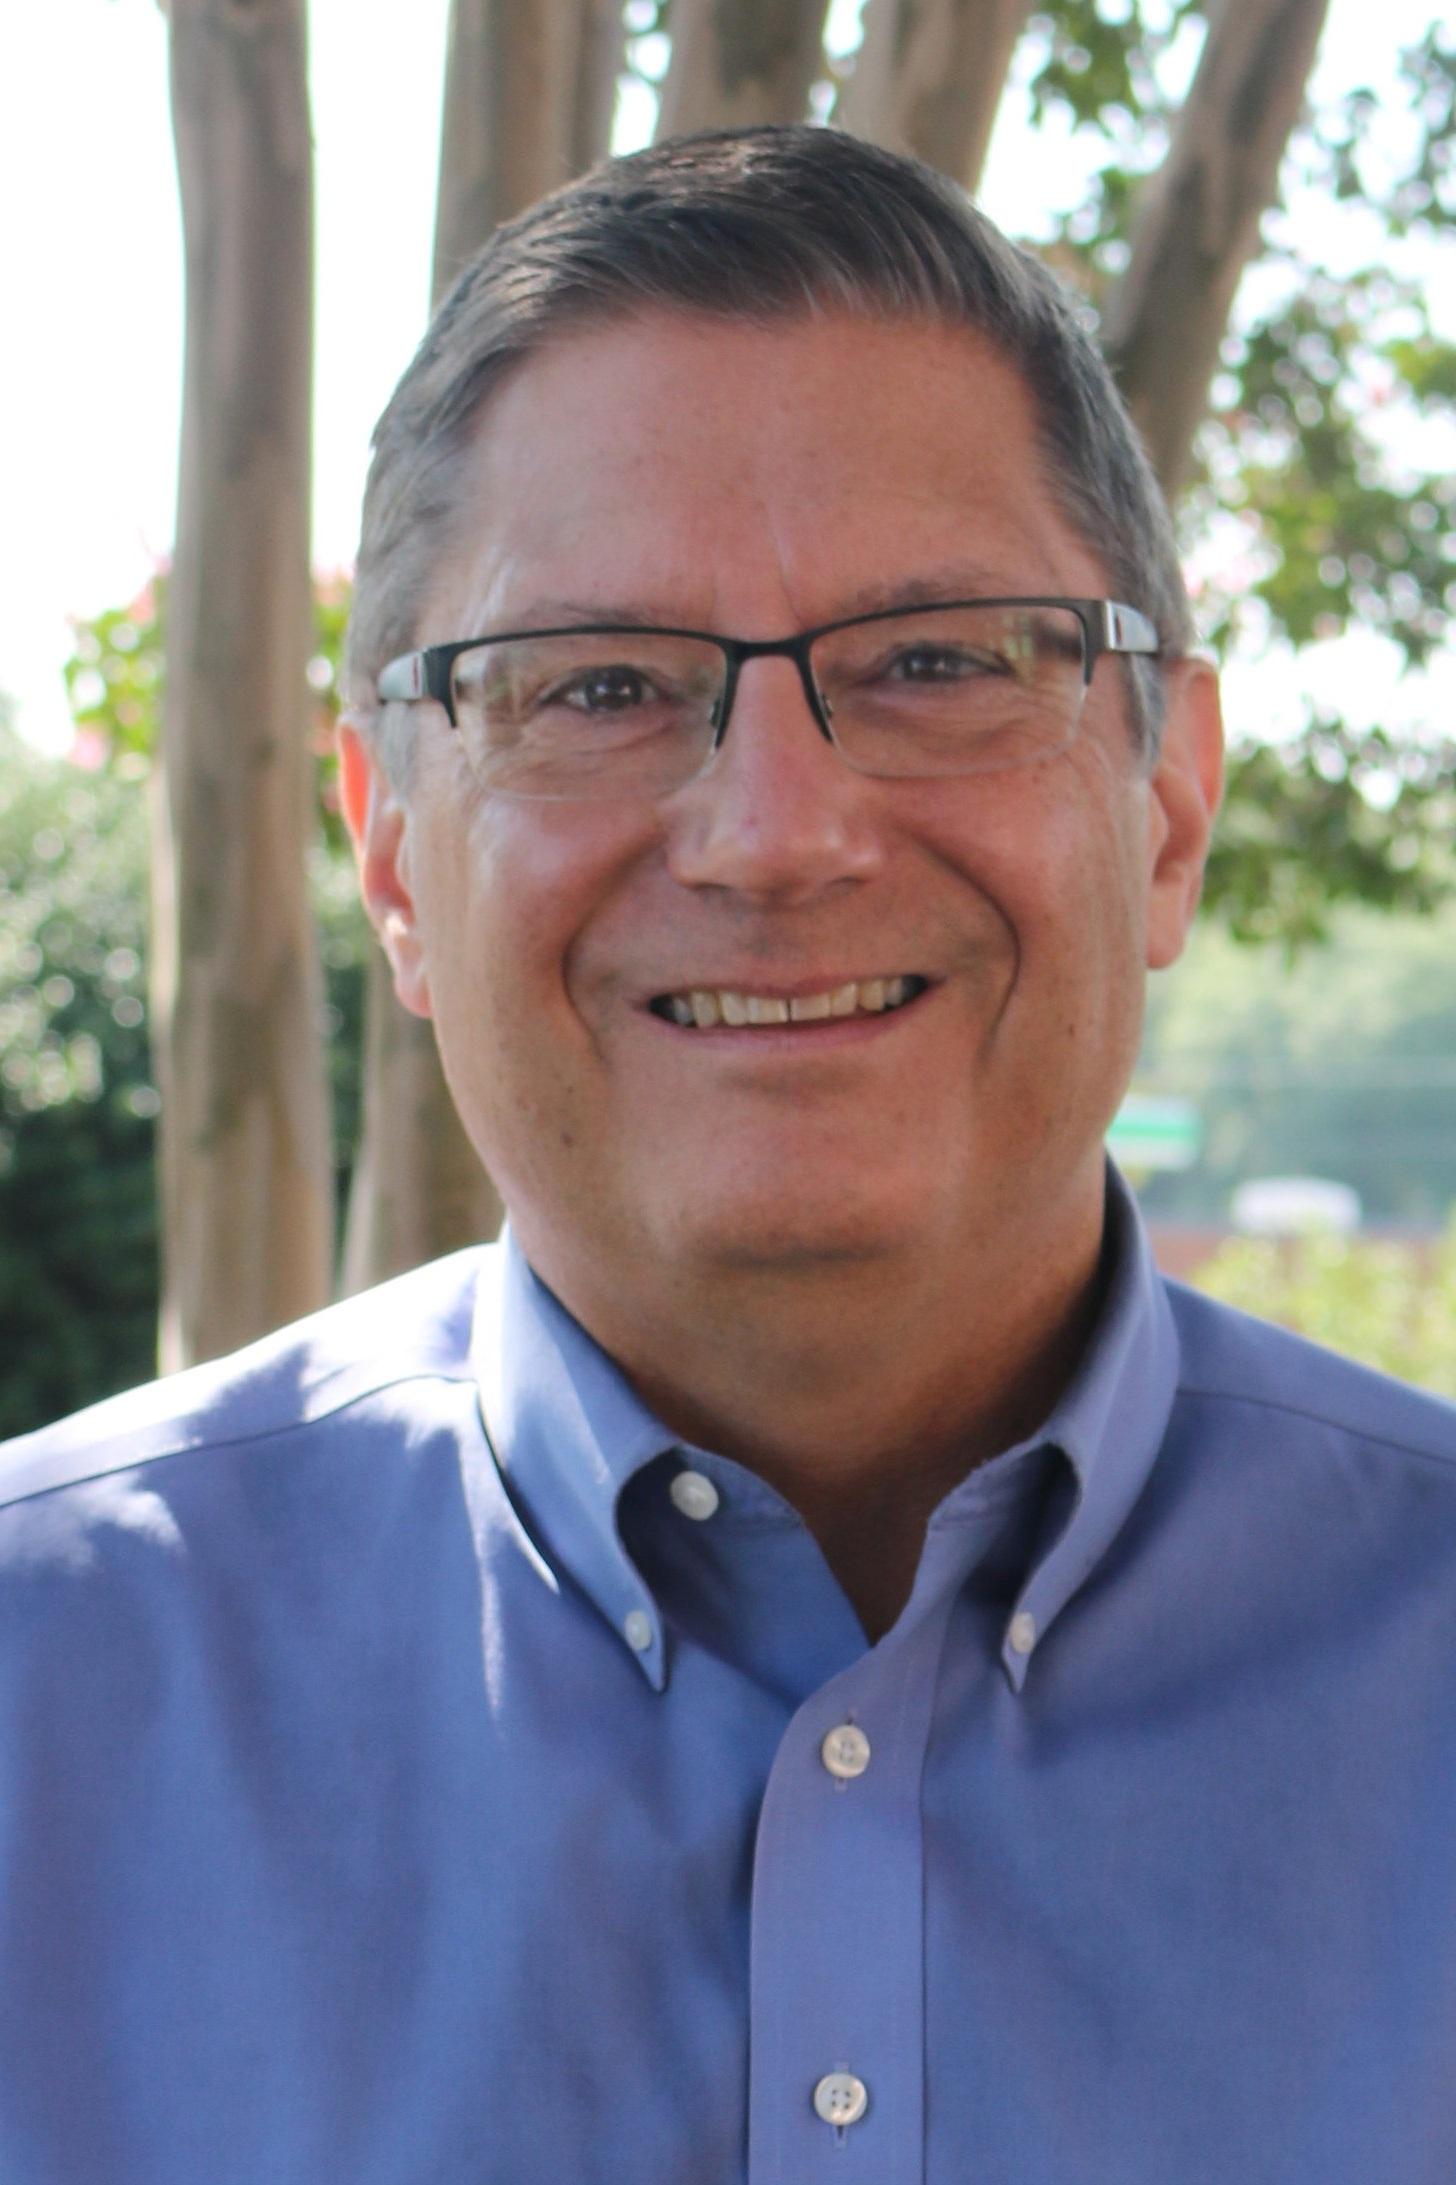 Scott Hippert